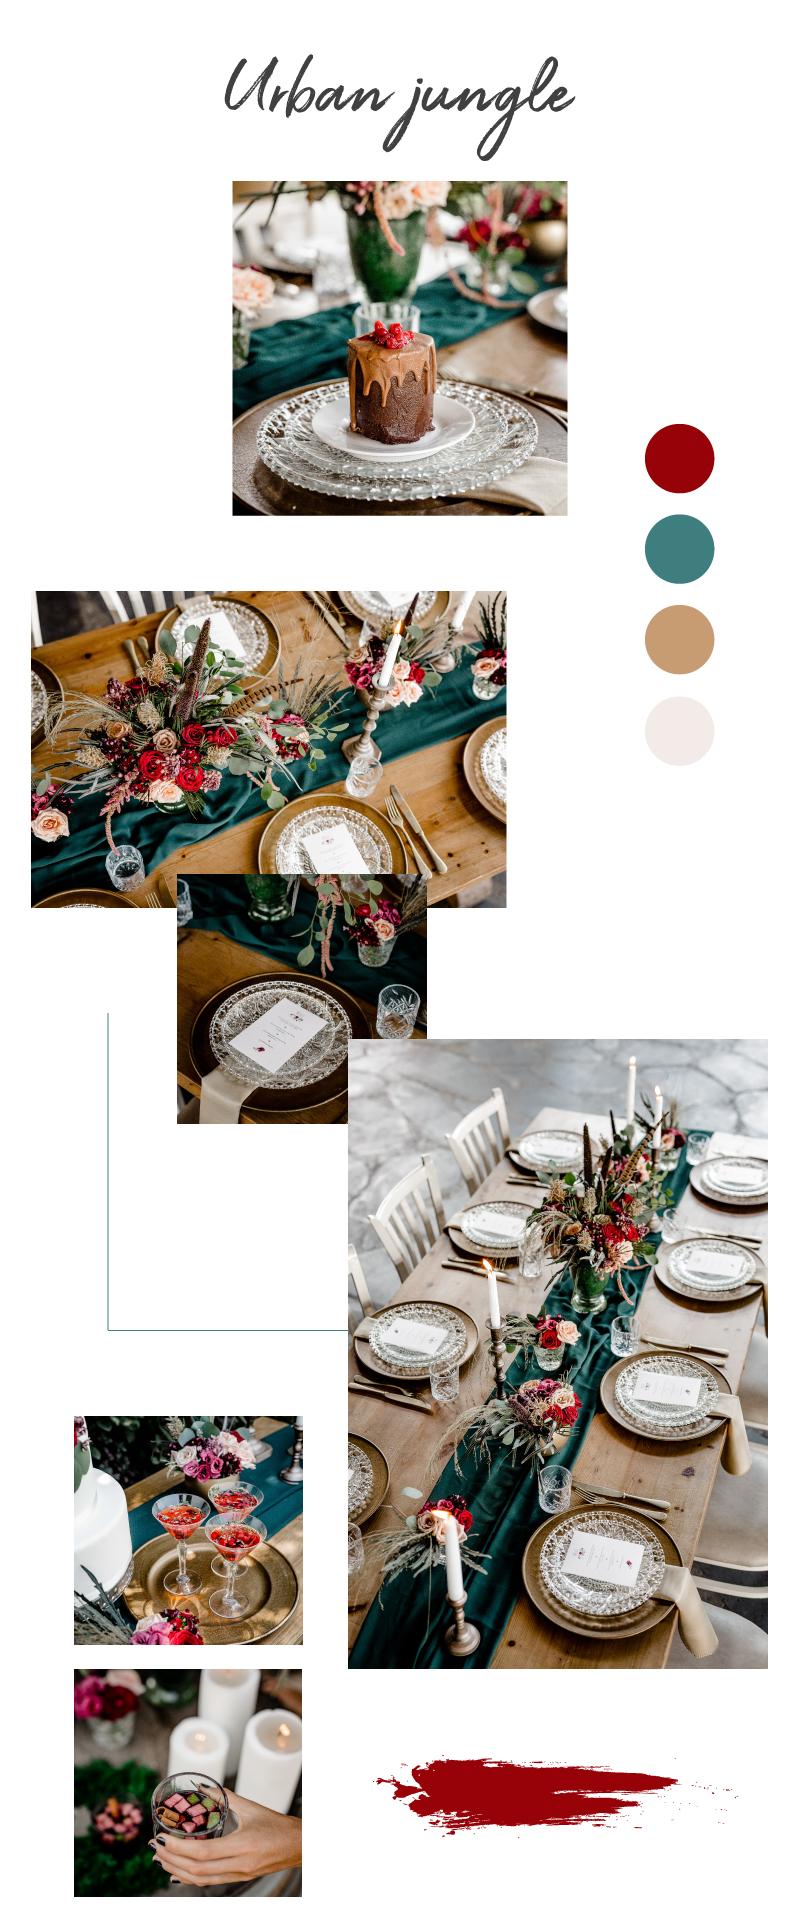 פינטרסט סטייל: לוחות השראה חורפיים לחתונה